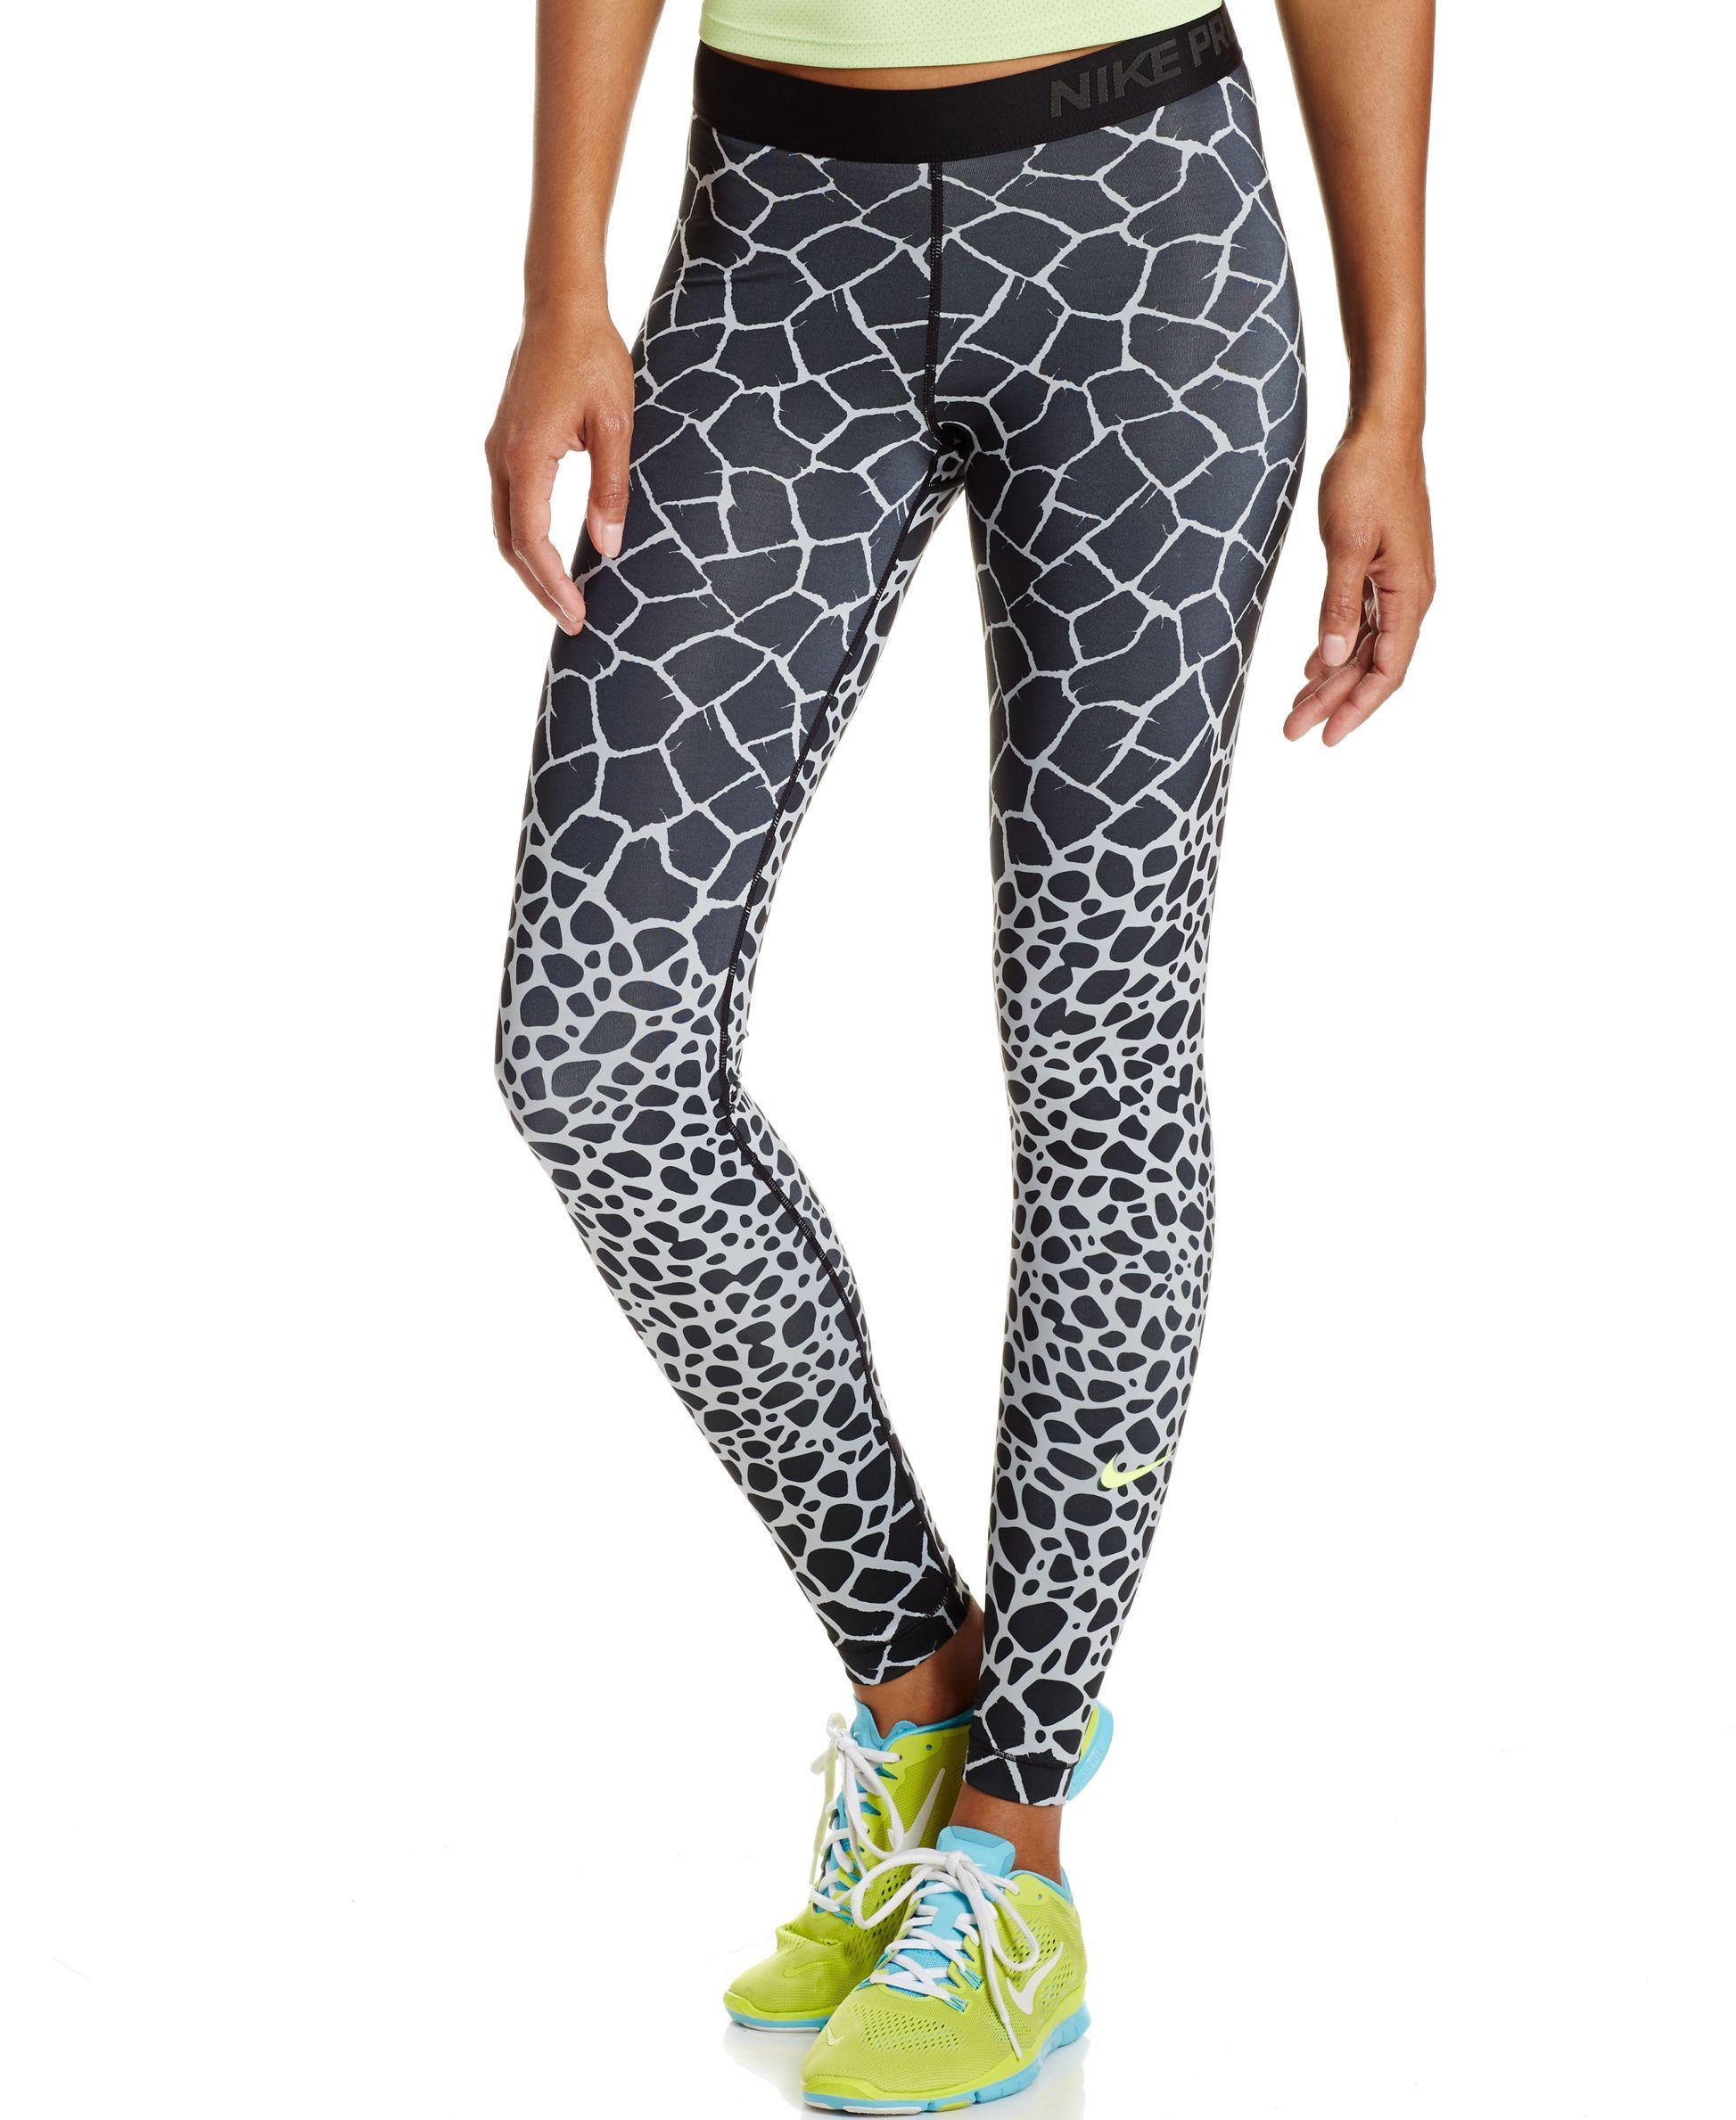 759fad27d359 Nike Pro Engineered Dri-FIT Giraffe-Print Leggings - Pants   Capris - Women  - Macy s